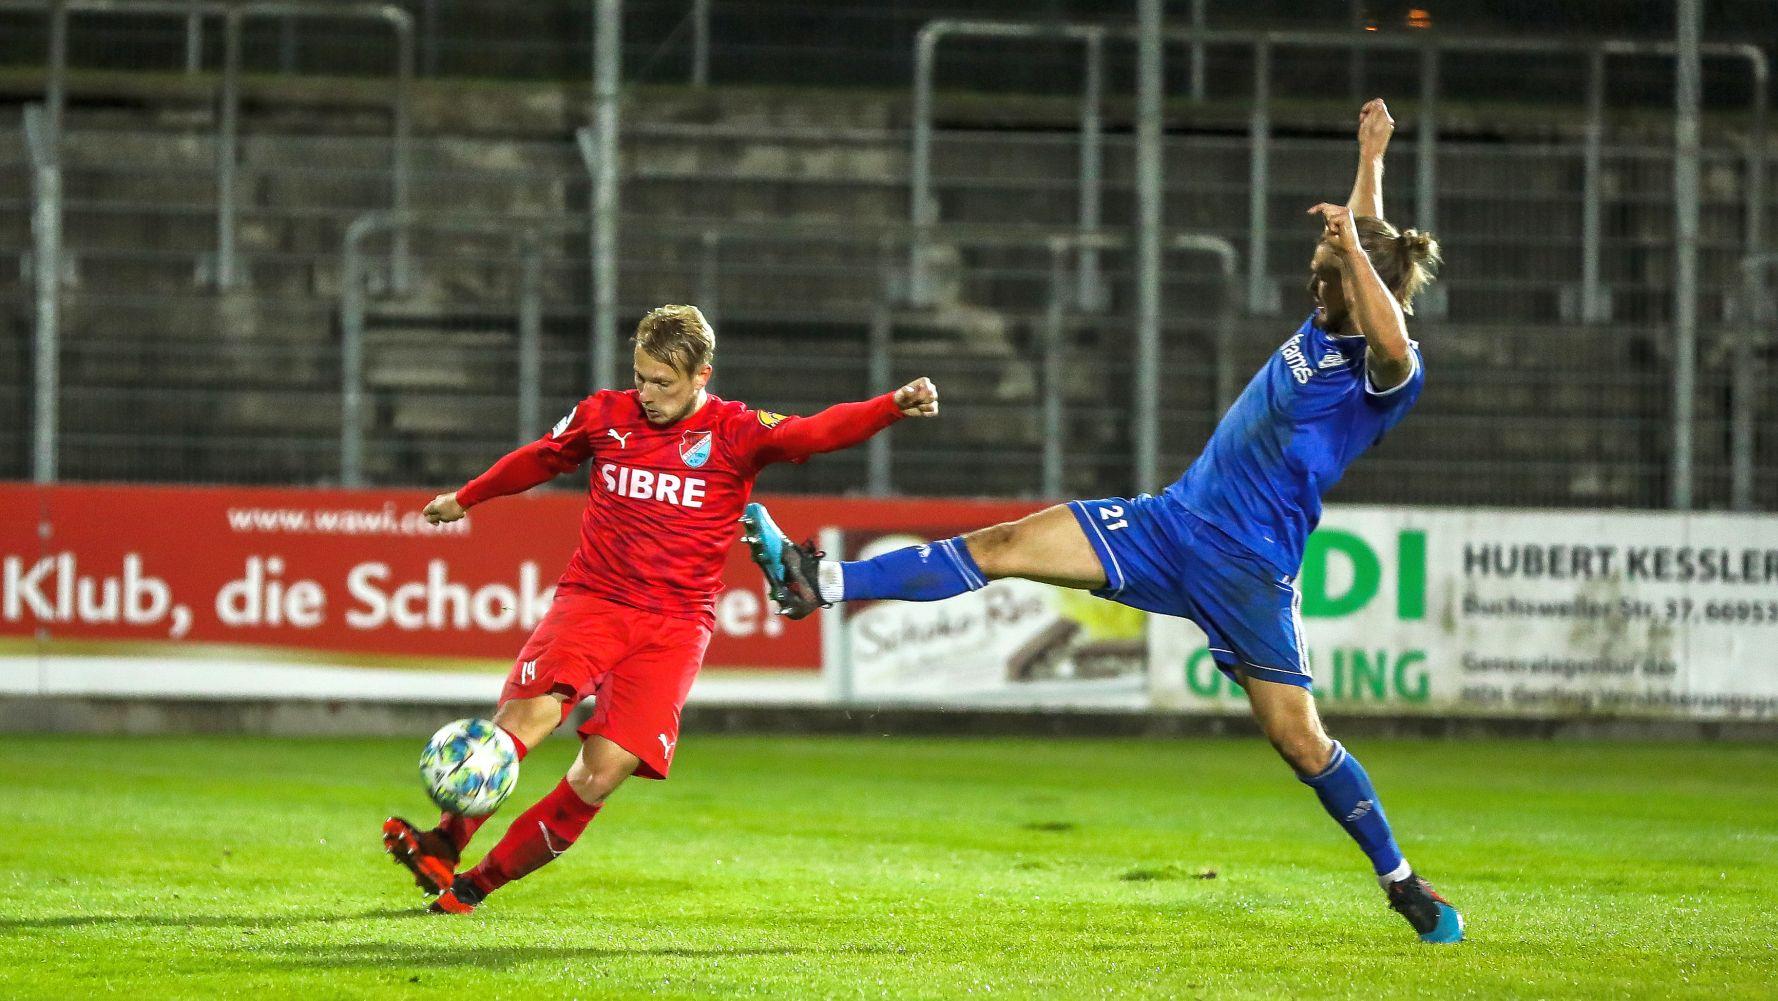 Philipp Hanke FK Pirmasens TSV Steinbach Haiger Björn Franz